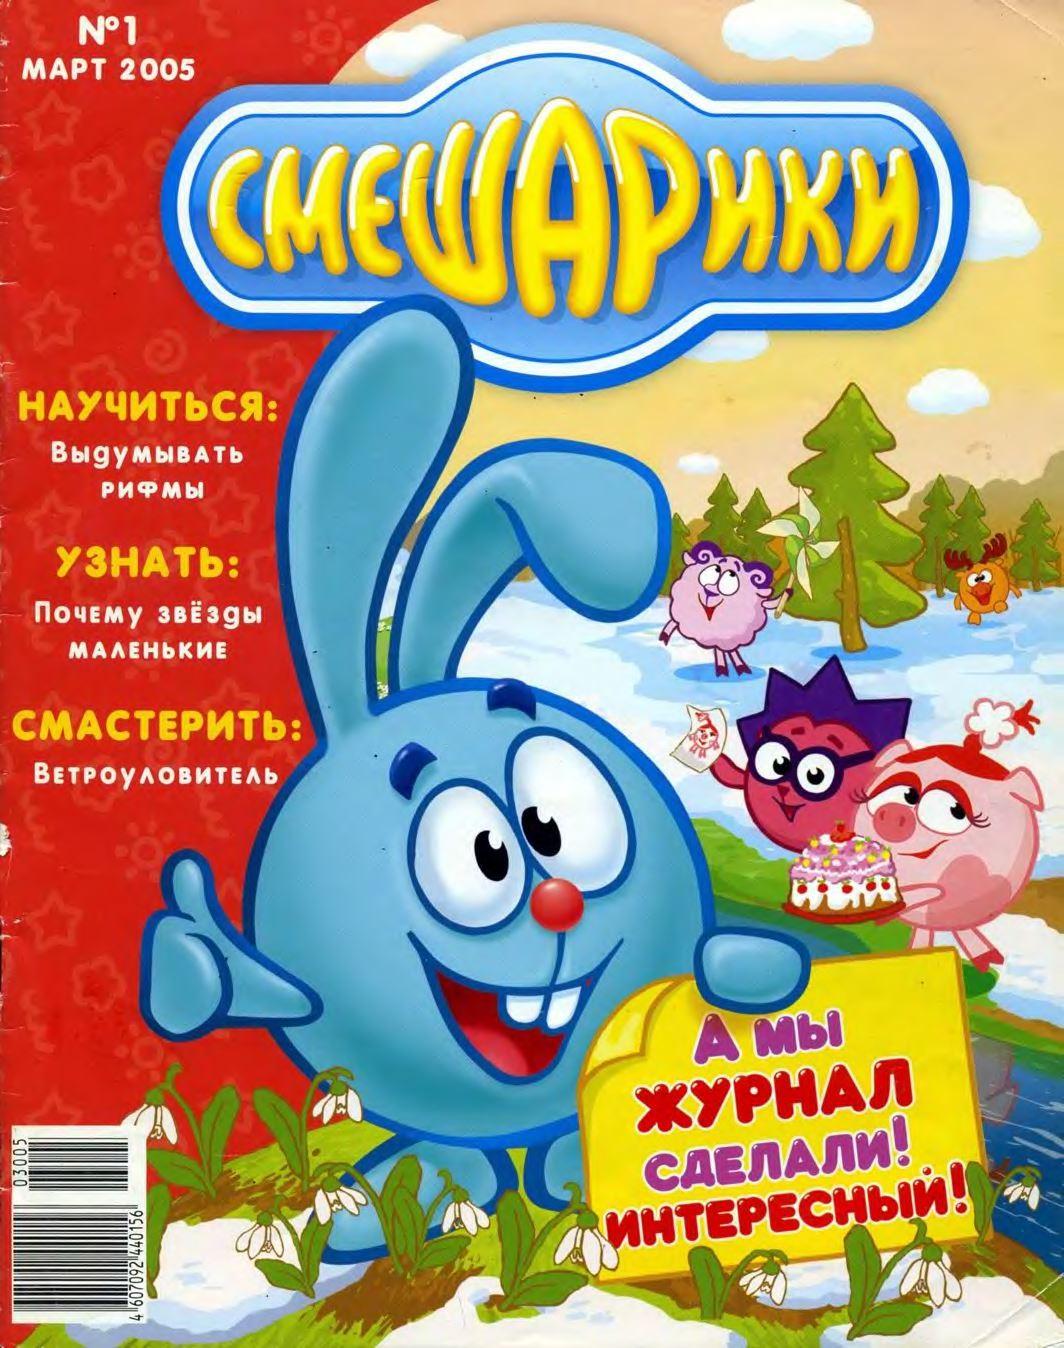 Обложка журнала своими руками